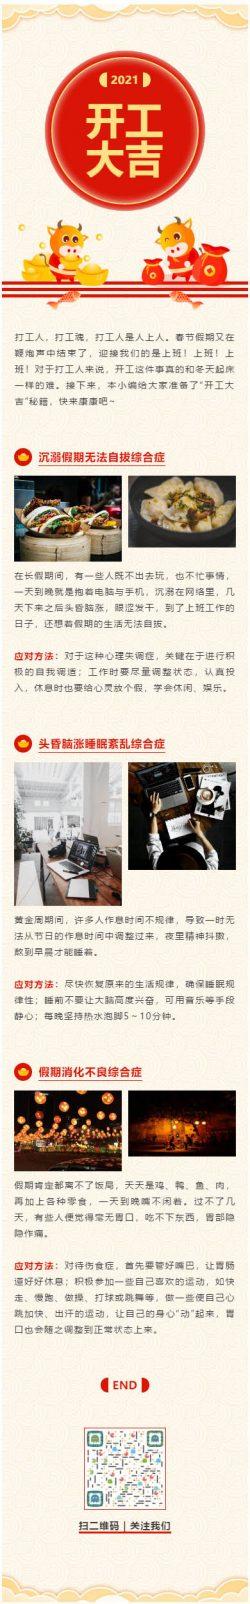 开工大吉企业门店公司新年开业开工微信模板推送图文素材